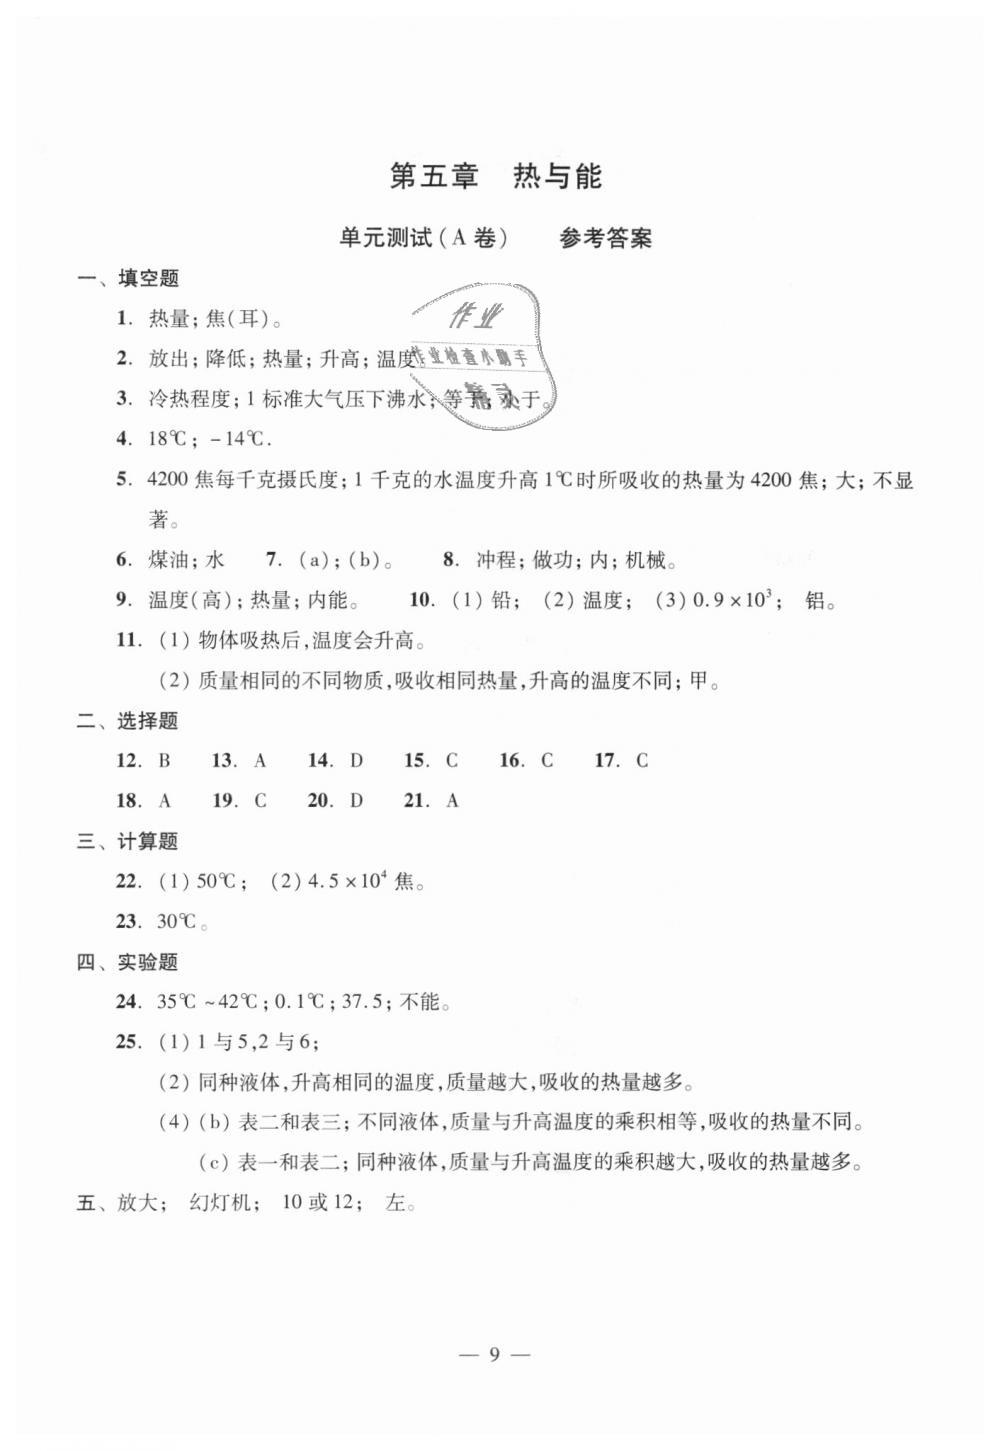 2018年初中物理双基过关堂堂练八年级全一册沪教版第53页